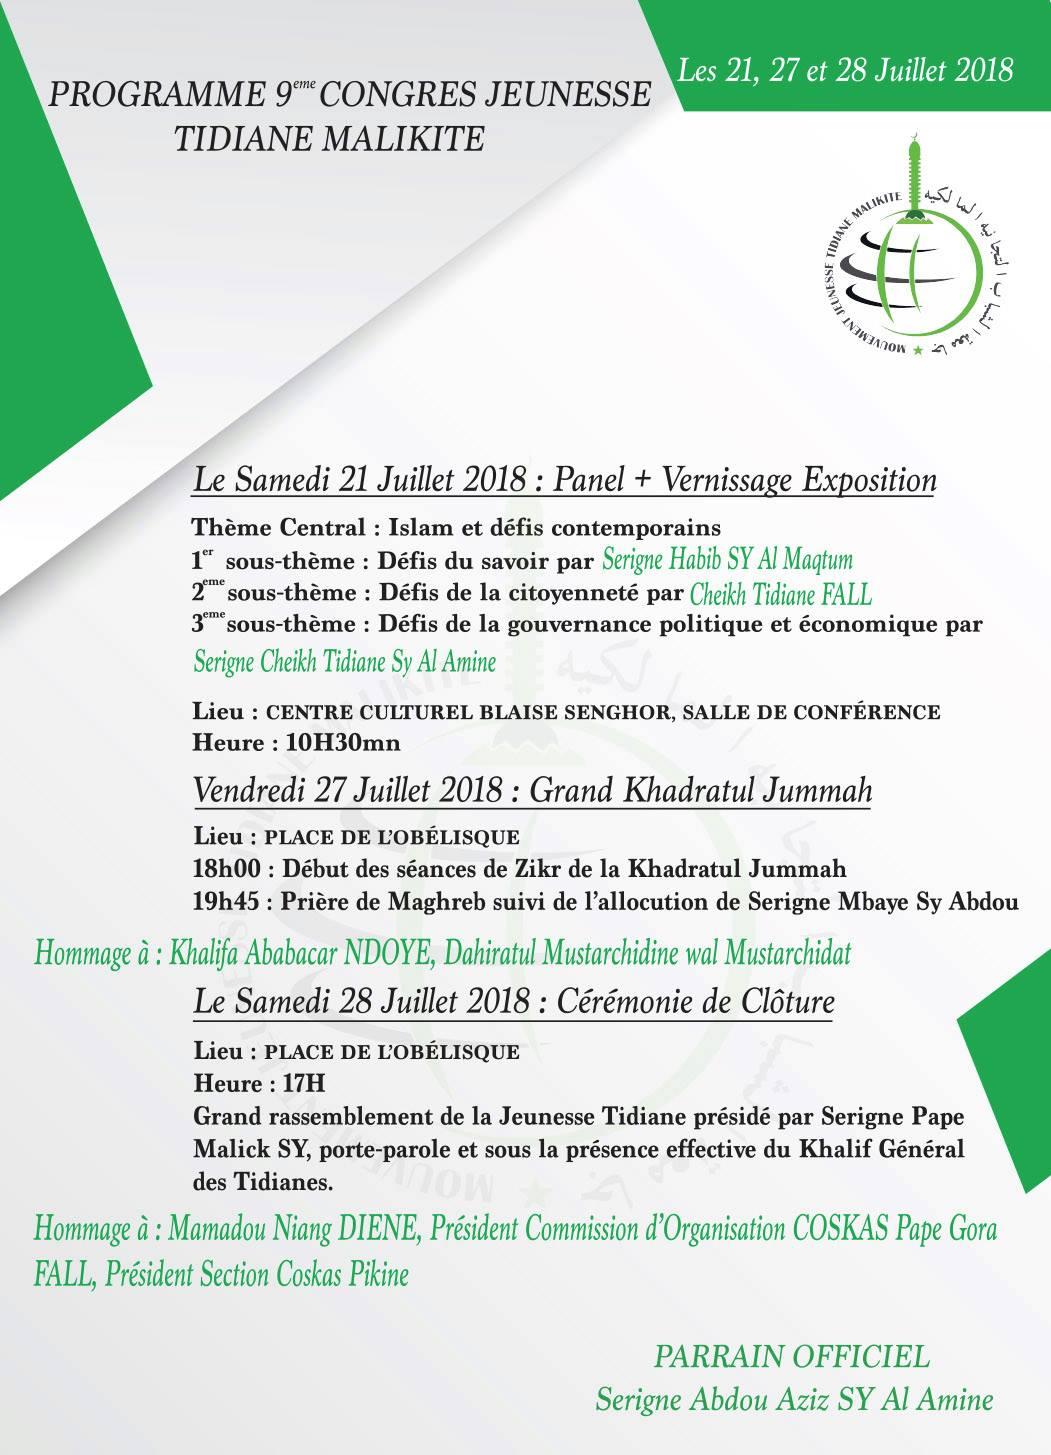 9éme Congrès National de la Jeunesse Tidjane Malikite: Les 27 et 28 Juillet 2018 à la Place de l'Obélisque